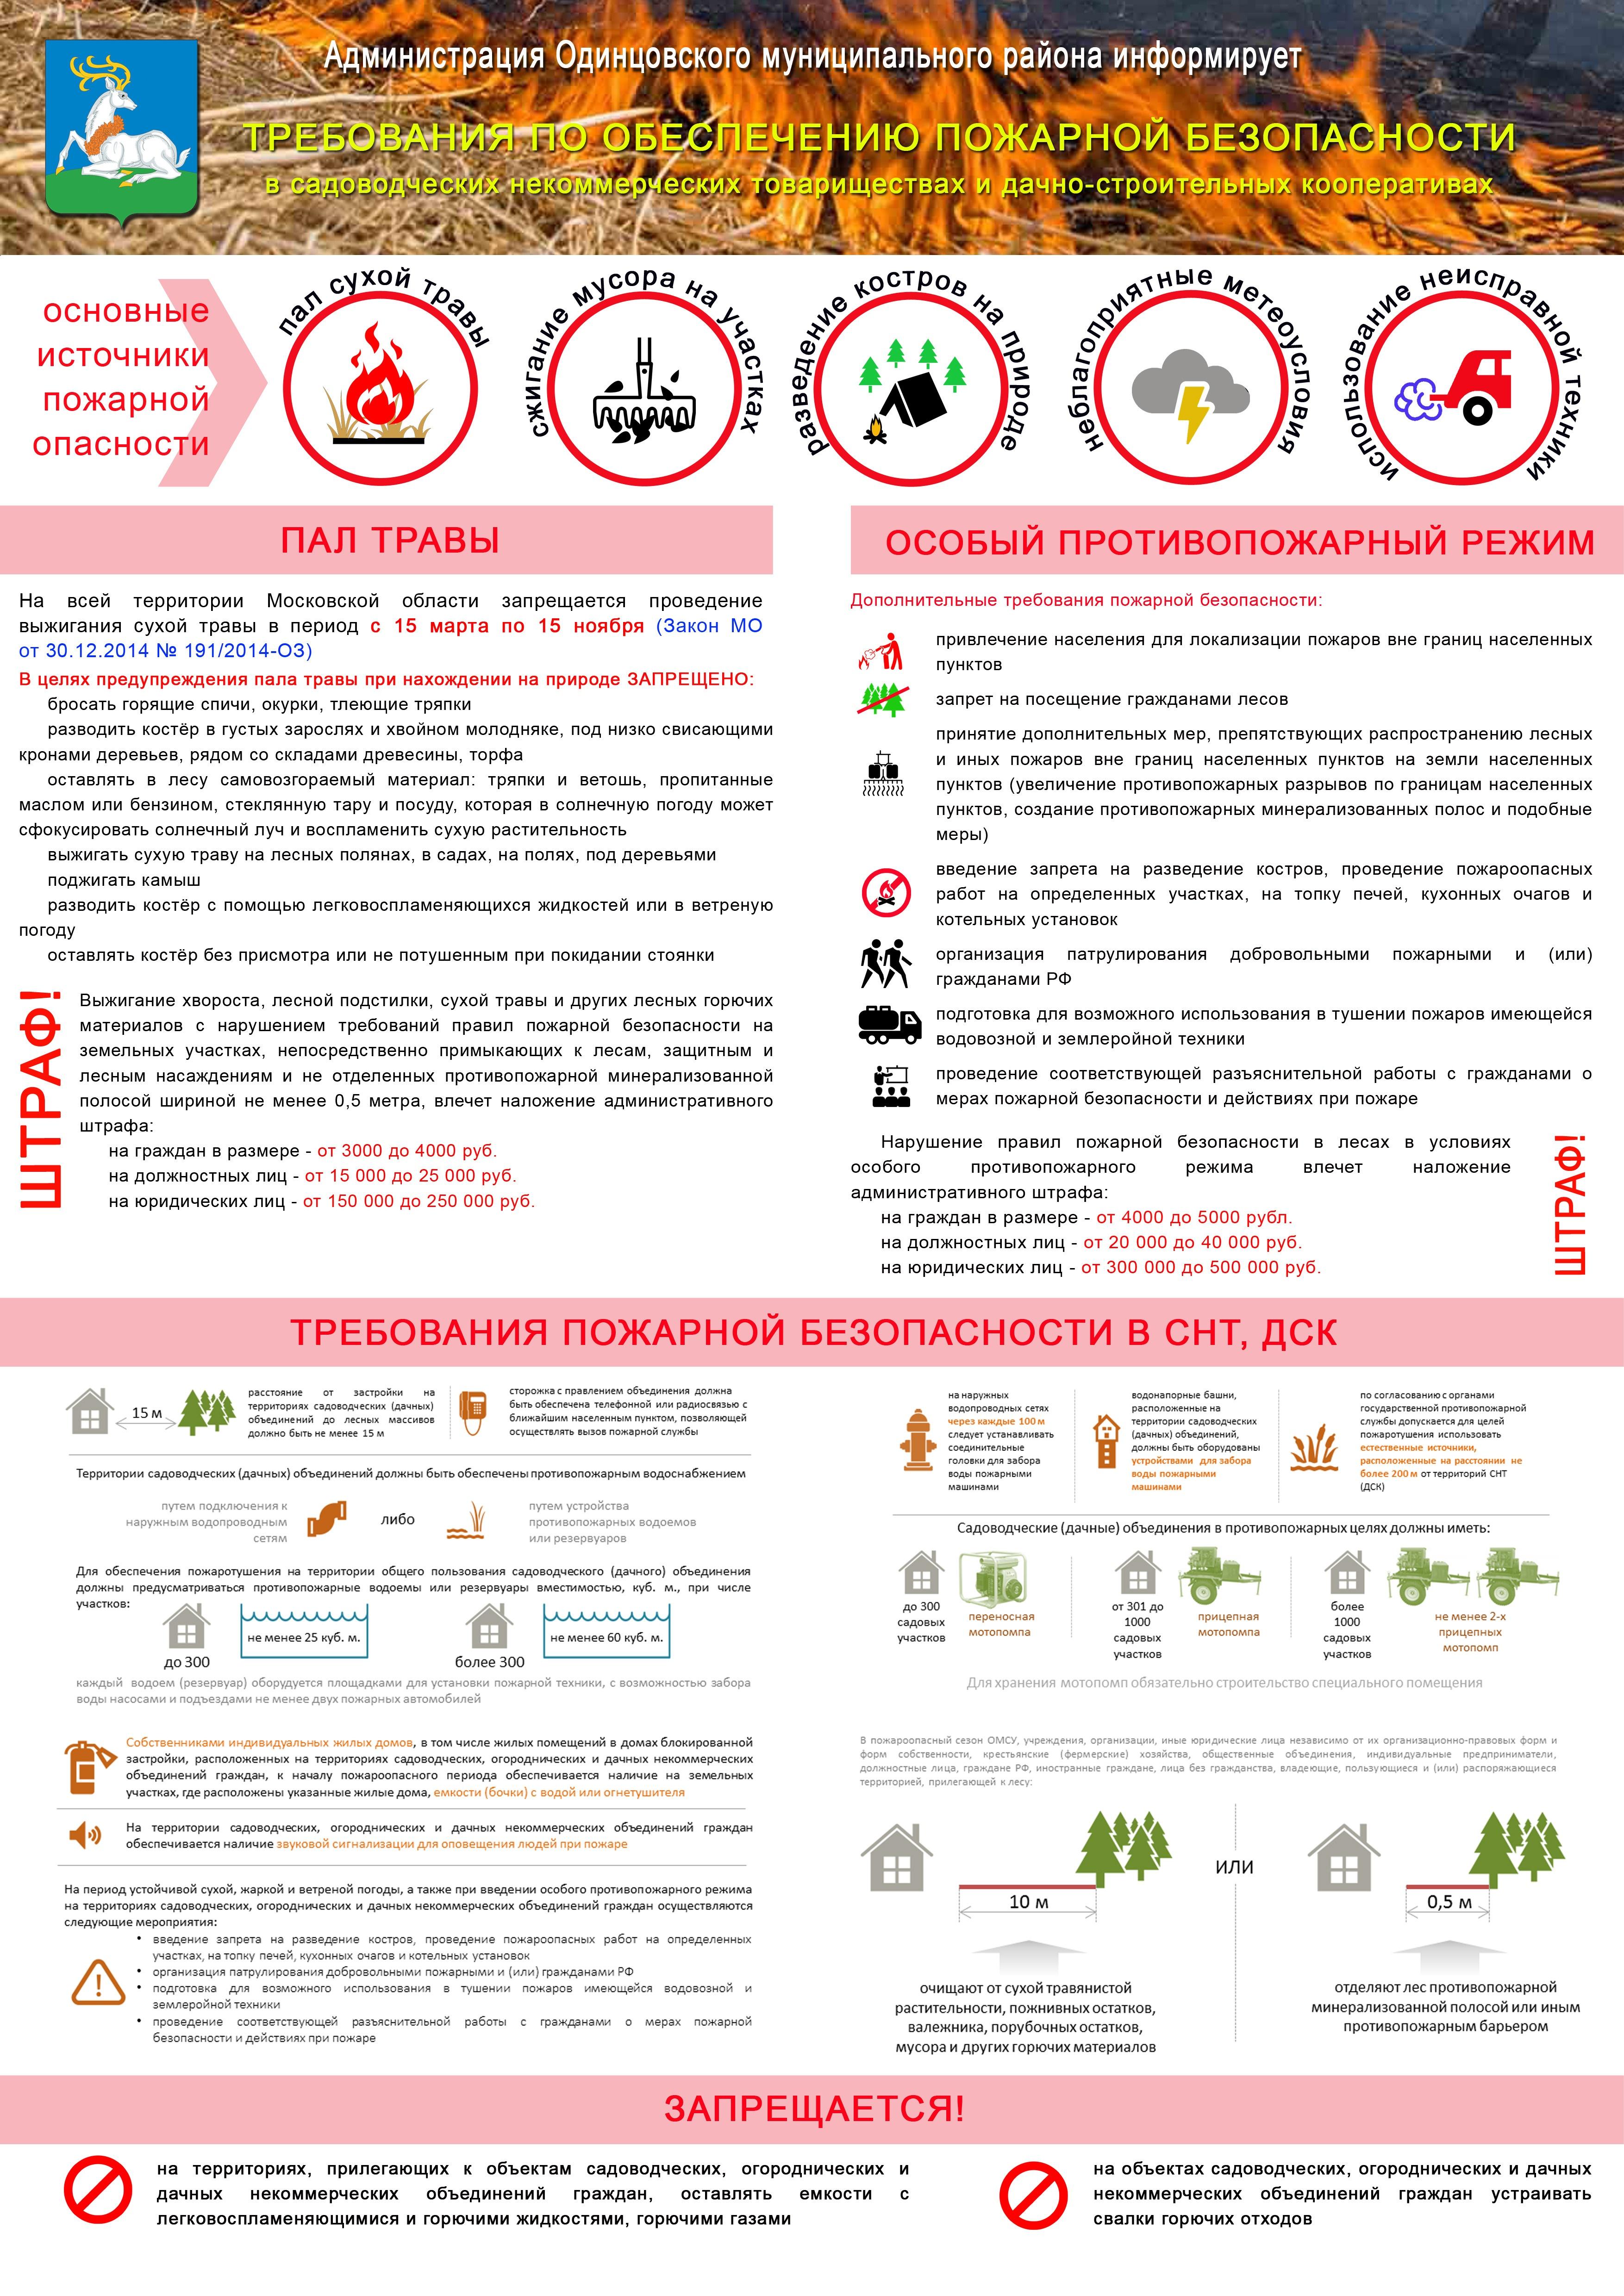 инструкция по пожарной безопасности в снт 2017